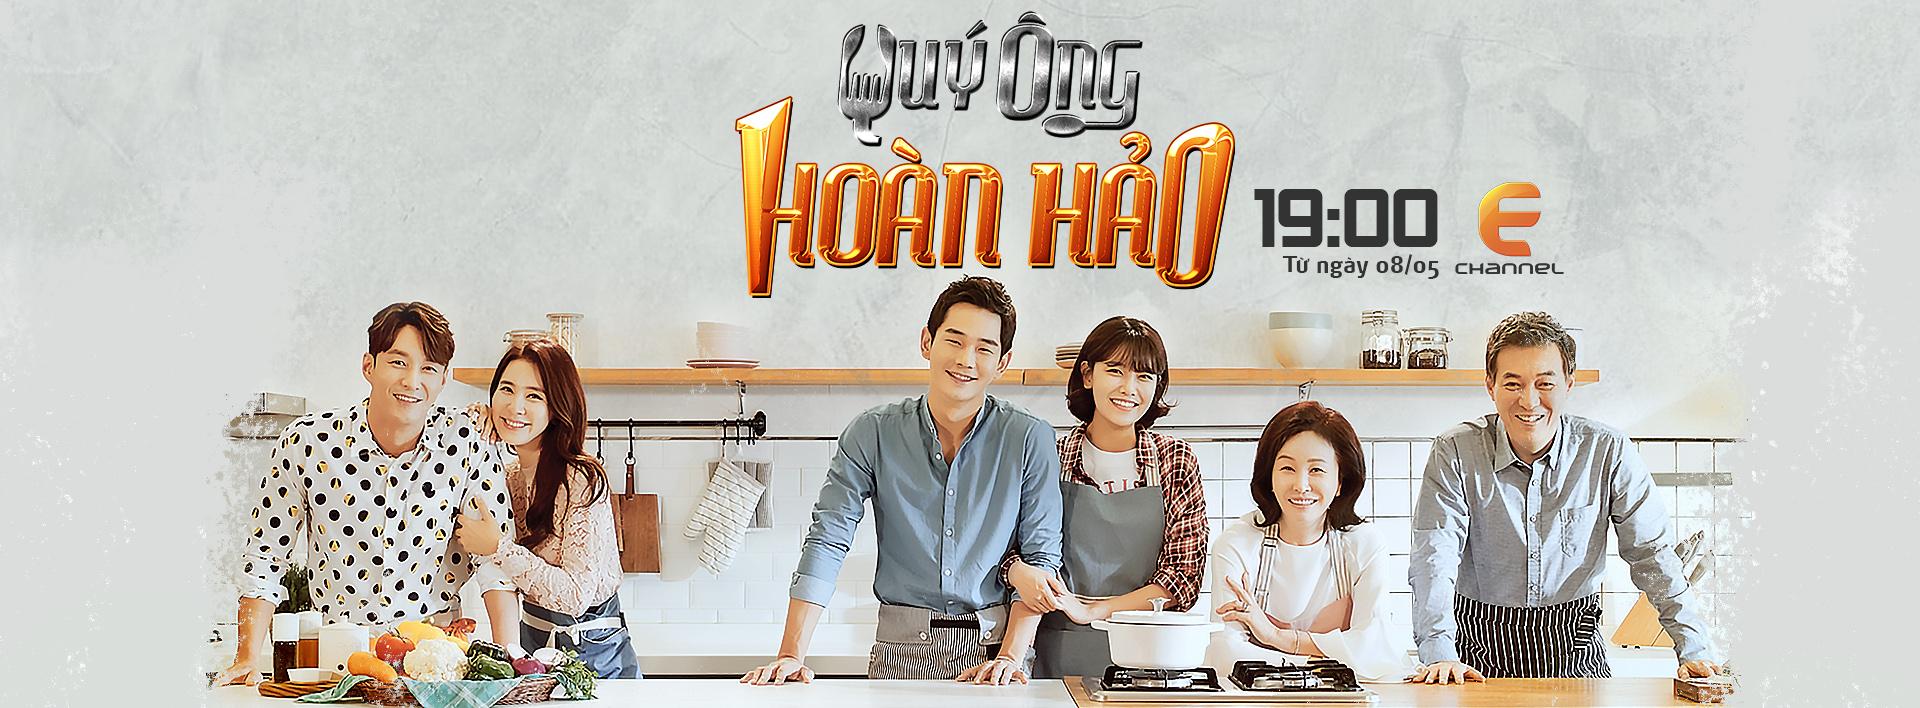 Quý Ông Hoàn Hảo Hàn Quốc - VTVcab5 (2021)